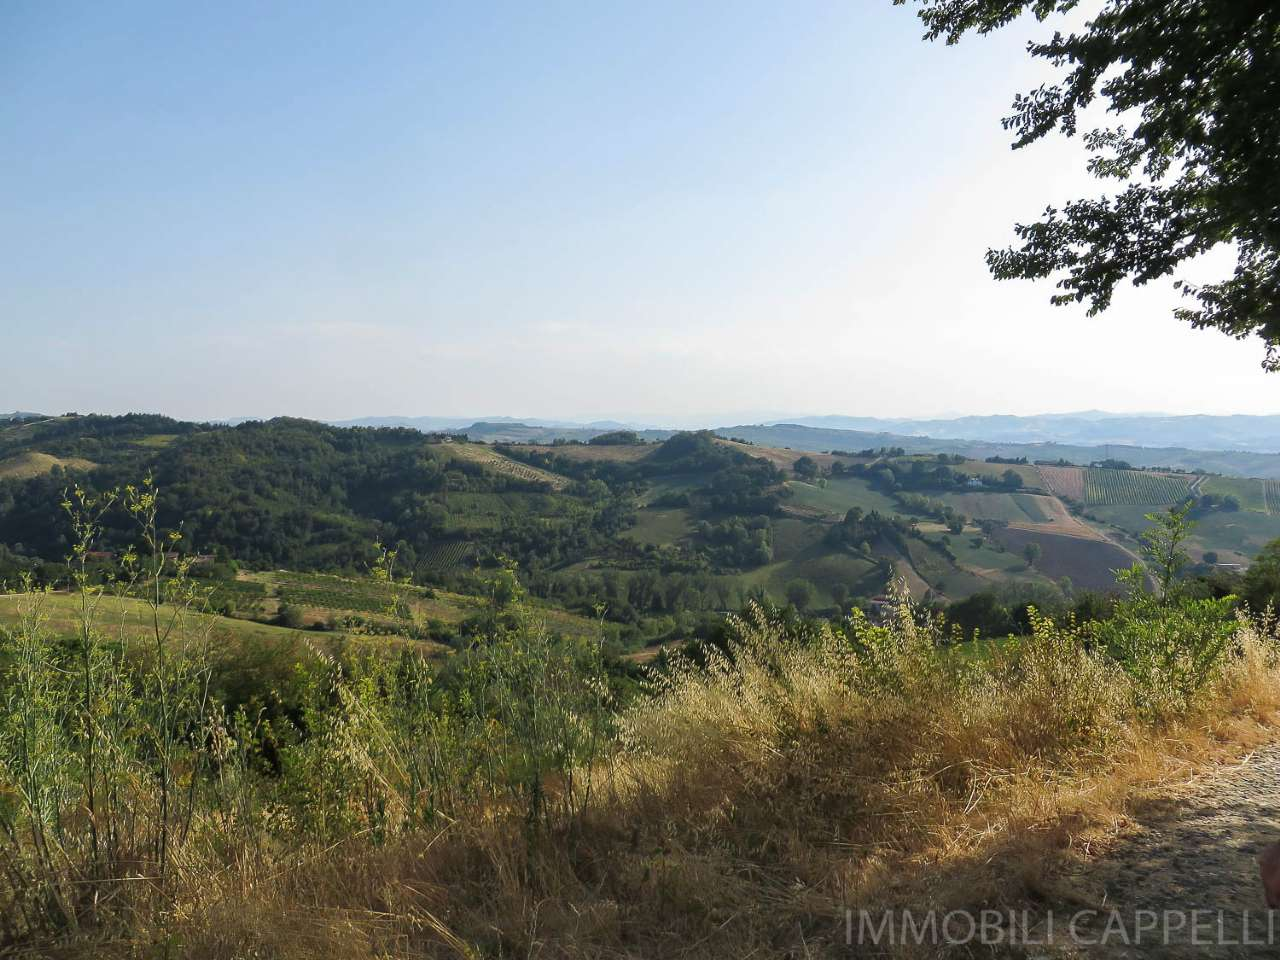 Terreno Agricolo in vendita a Bertinoro, 9999 locali, prezzo € 60.000 | CambioCasa.it